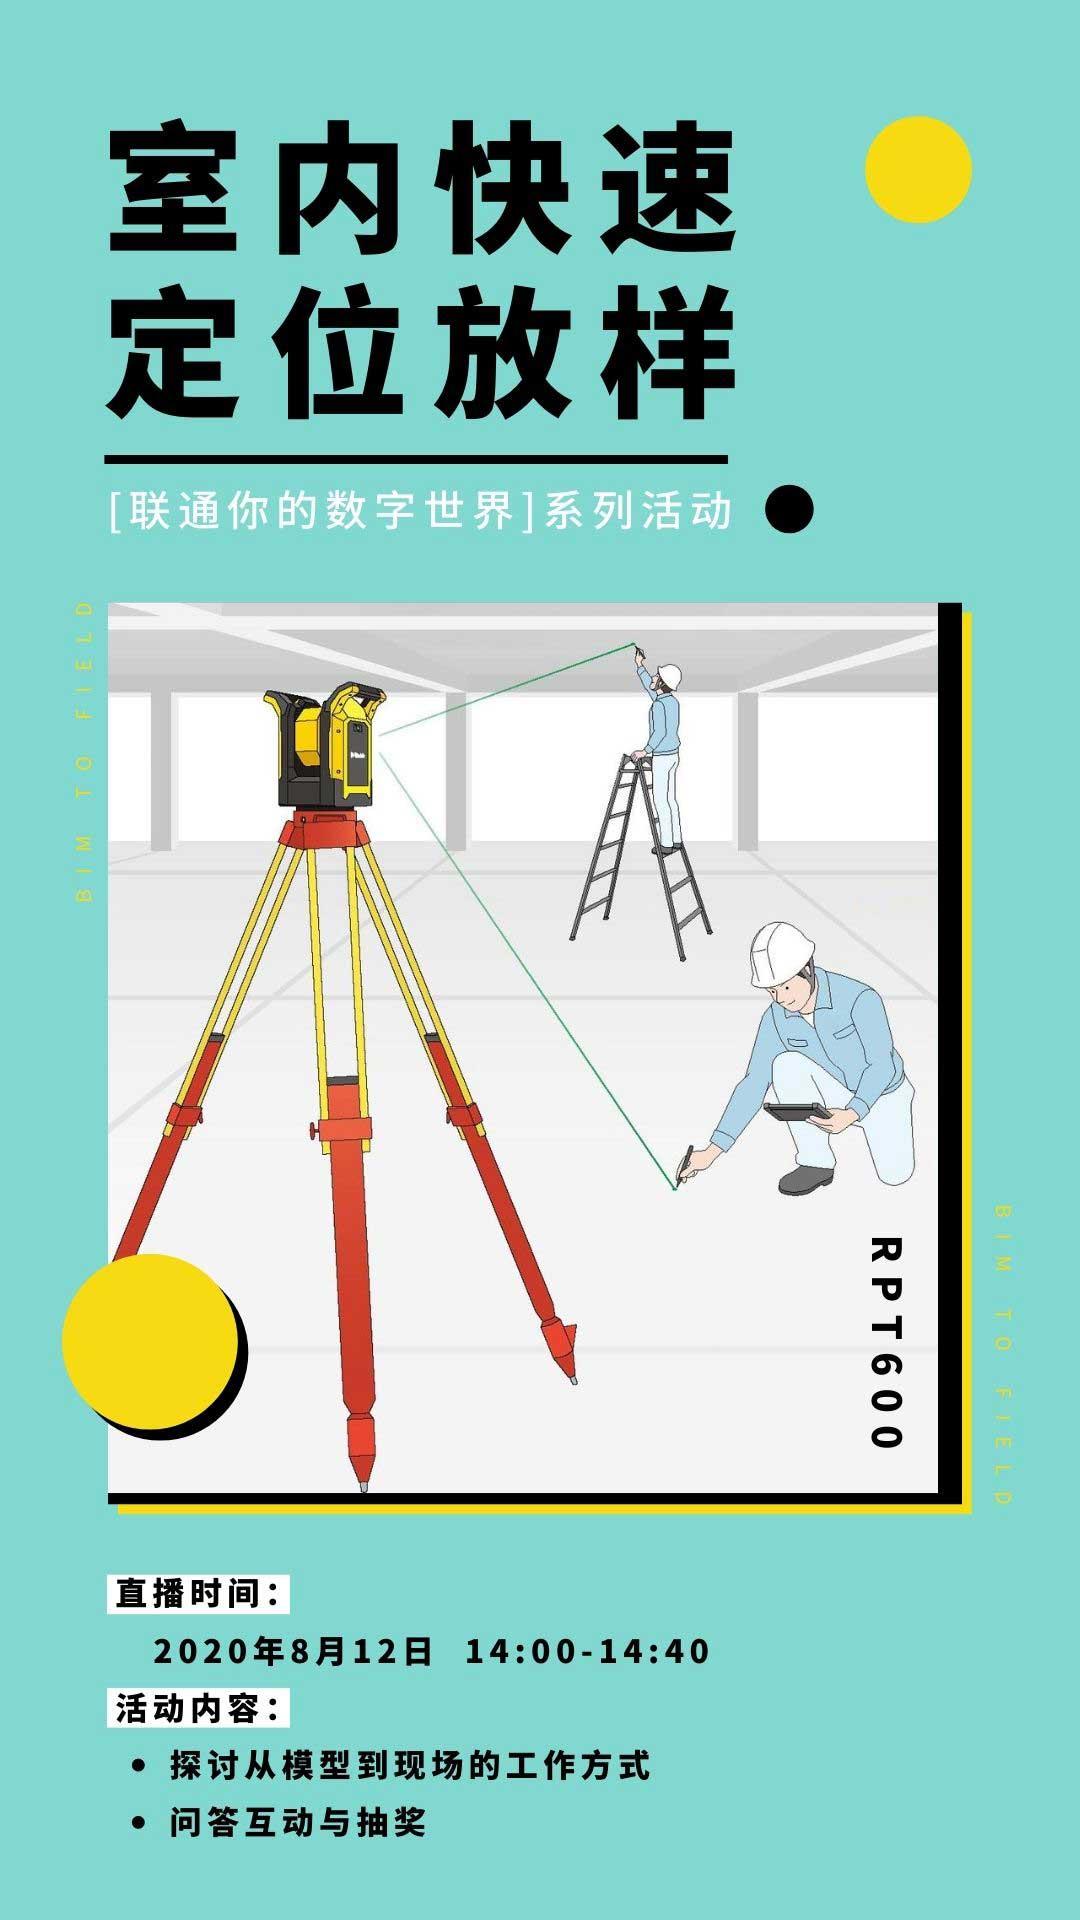 室内快速放样联通你的数字世界系列活动放样的方法步骤,工程测量放样,放样机器人